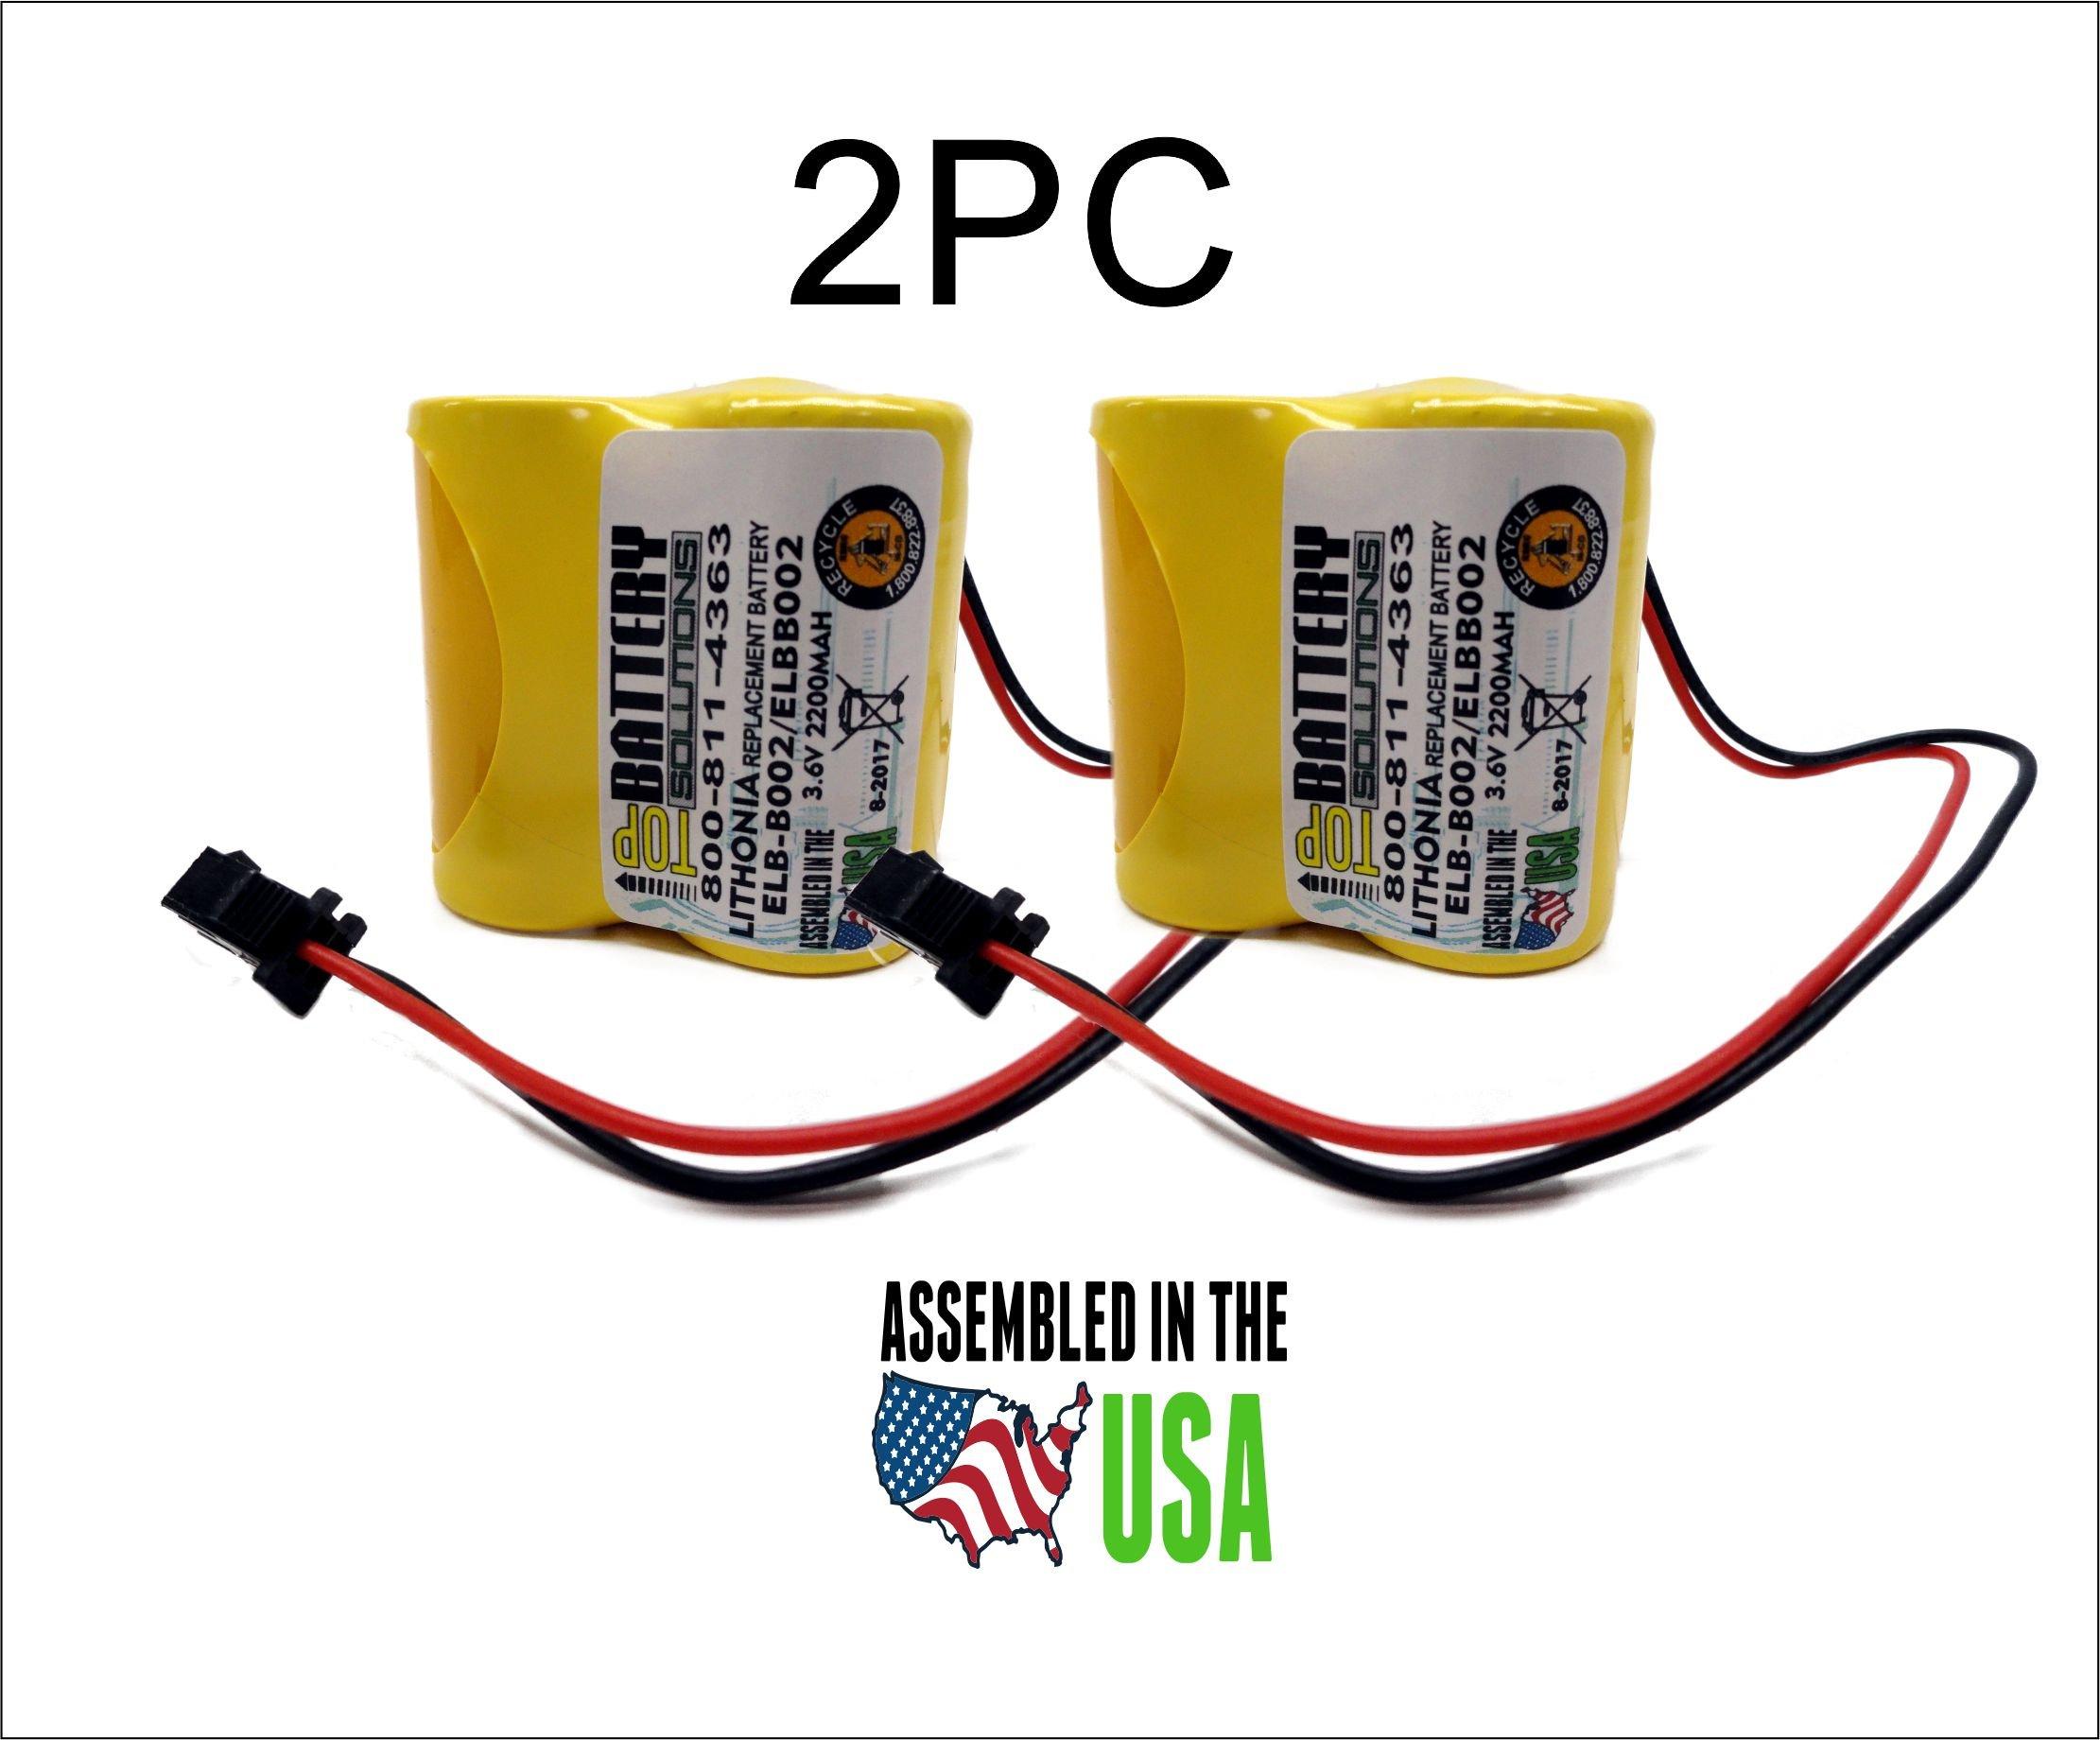 2pc Lithonia ELB-B002 Battery Emergency Light 3.6v 2.2Ah NiCD ELBB002